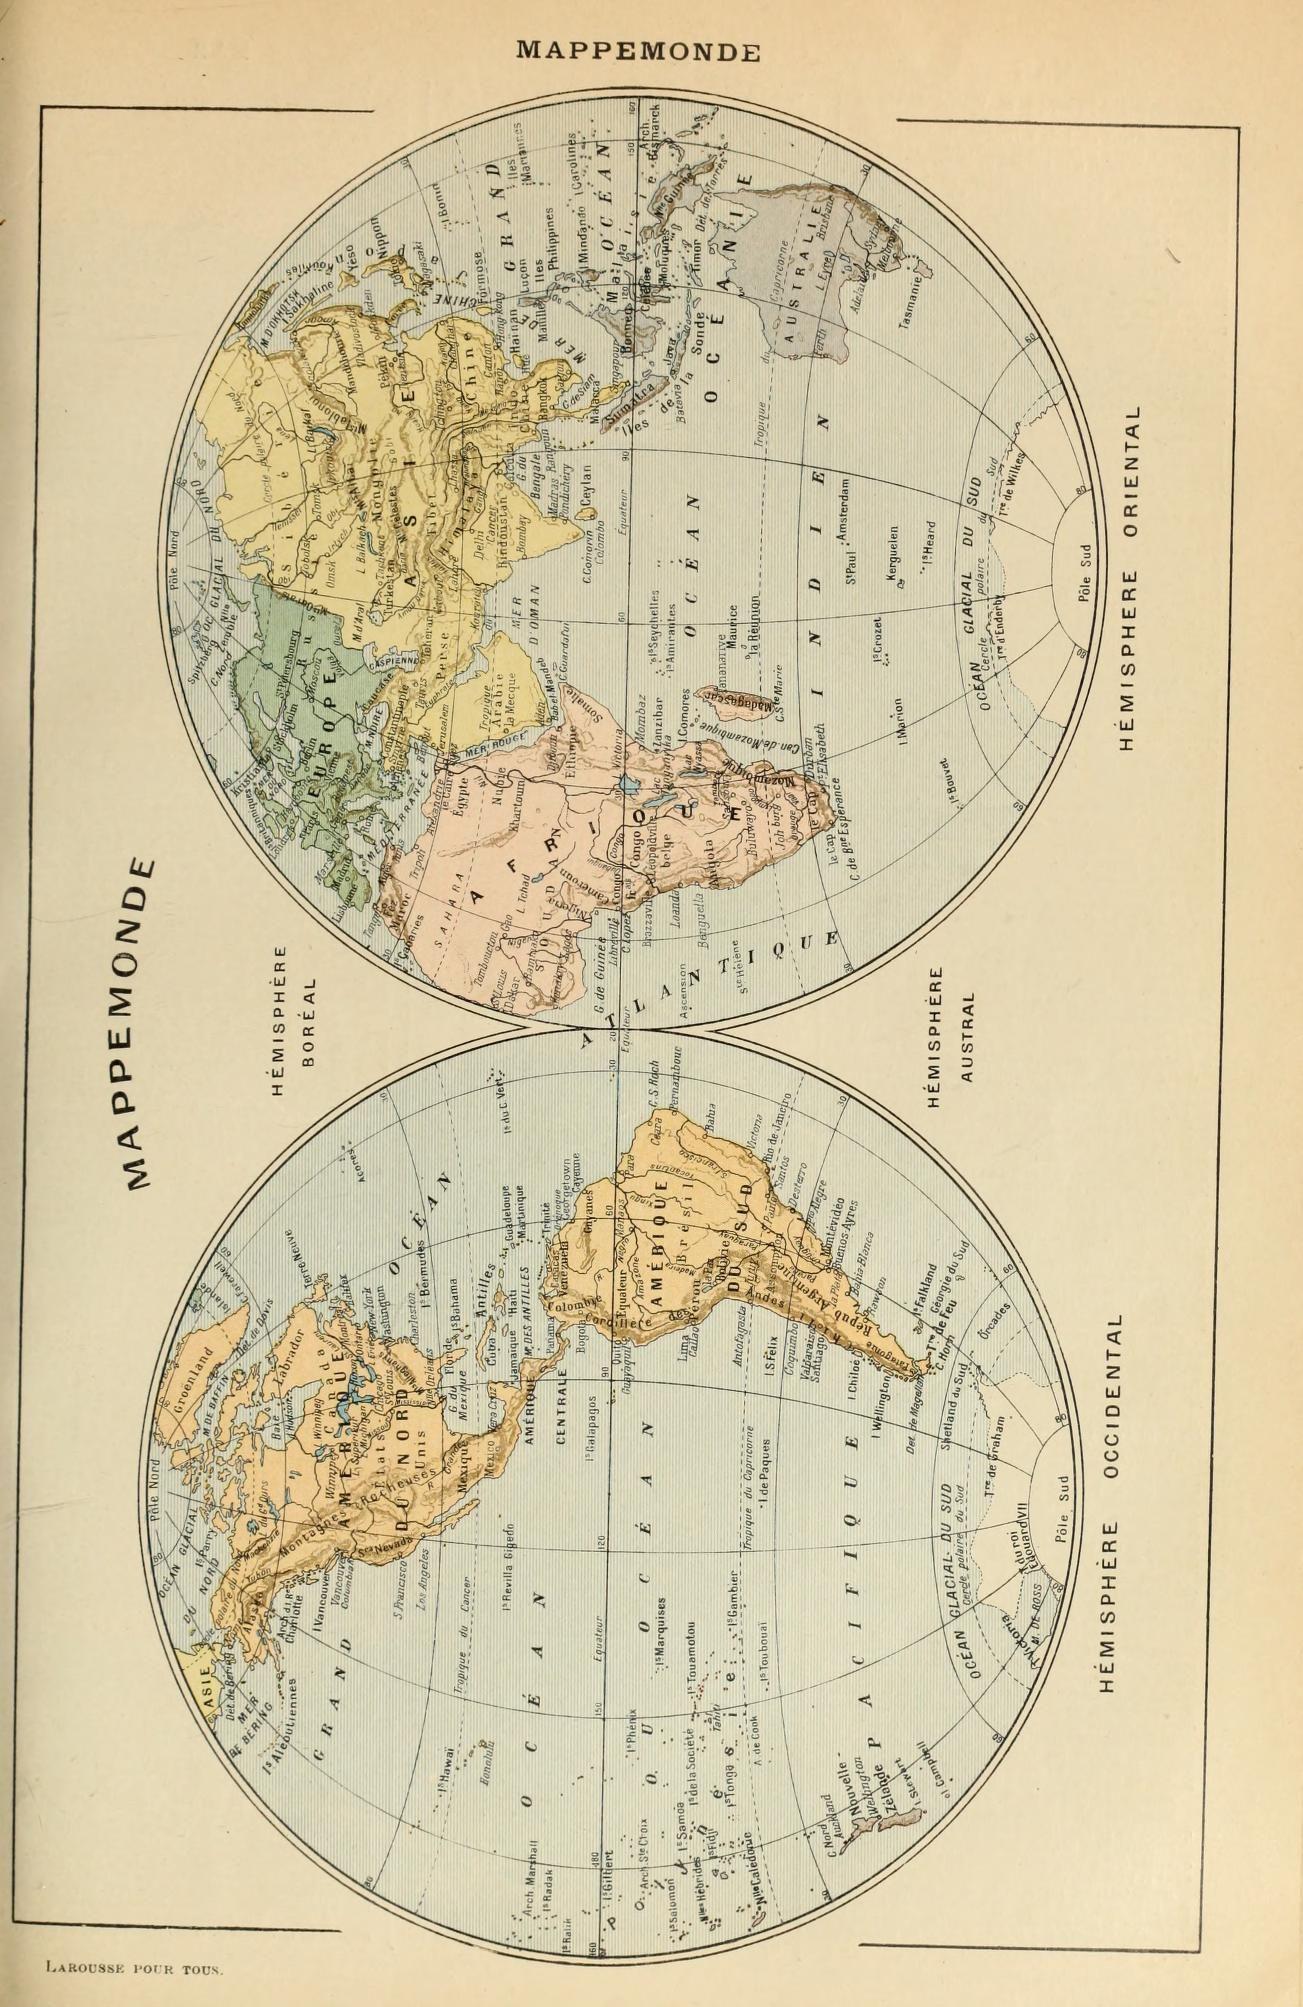 Le Larousse Pour Tous Mappemonde Carte Et Plan Carte Postale